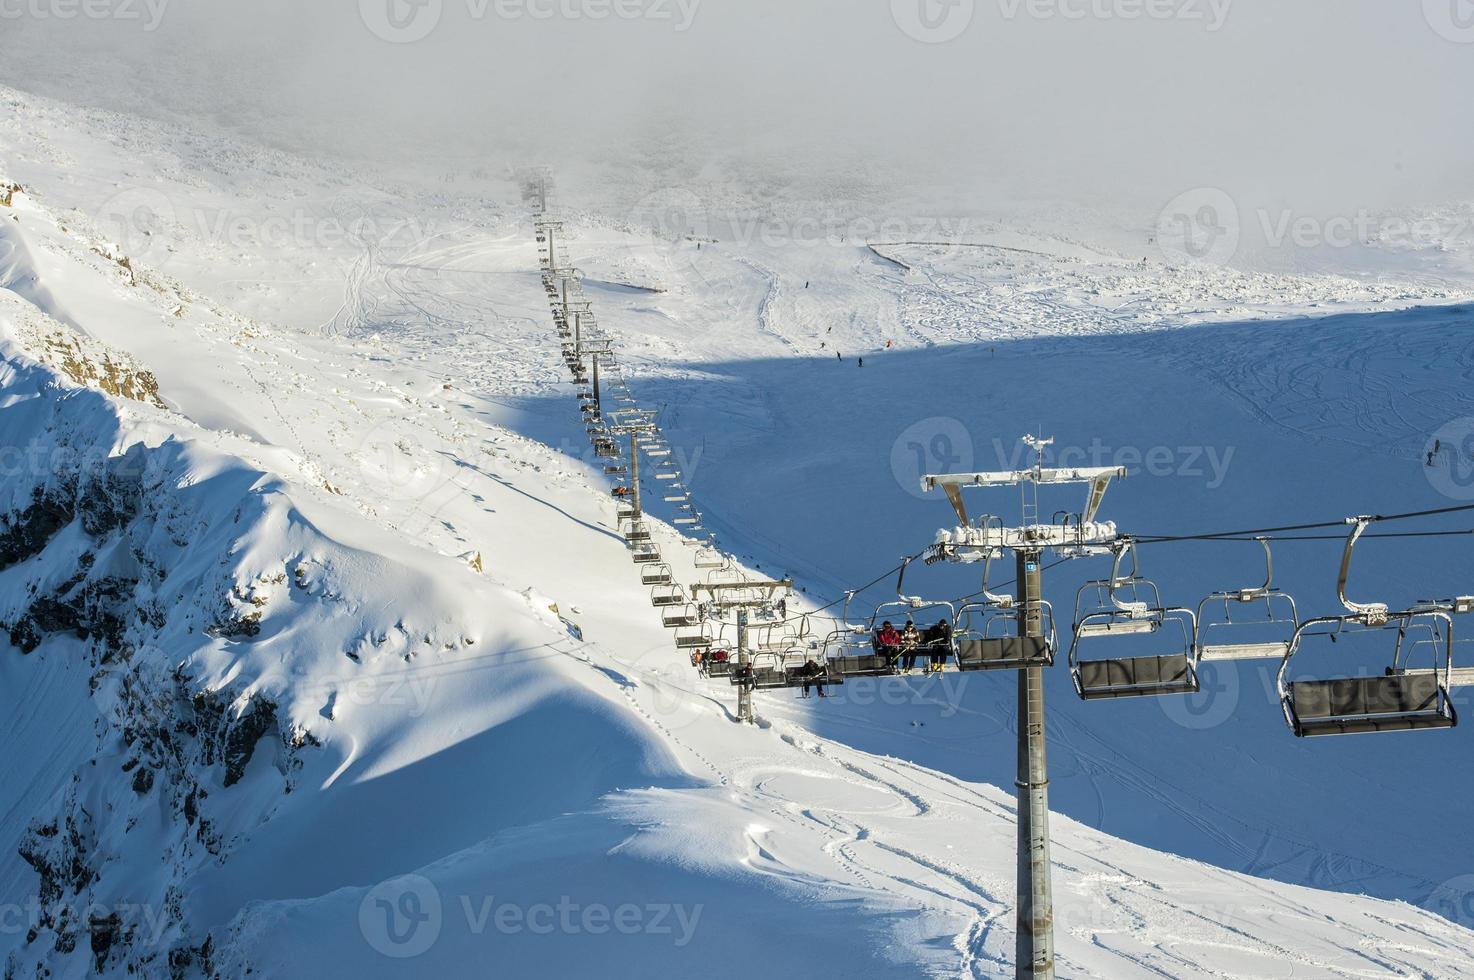 montagnes de neige en hiver, photo